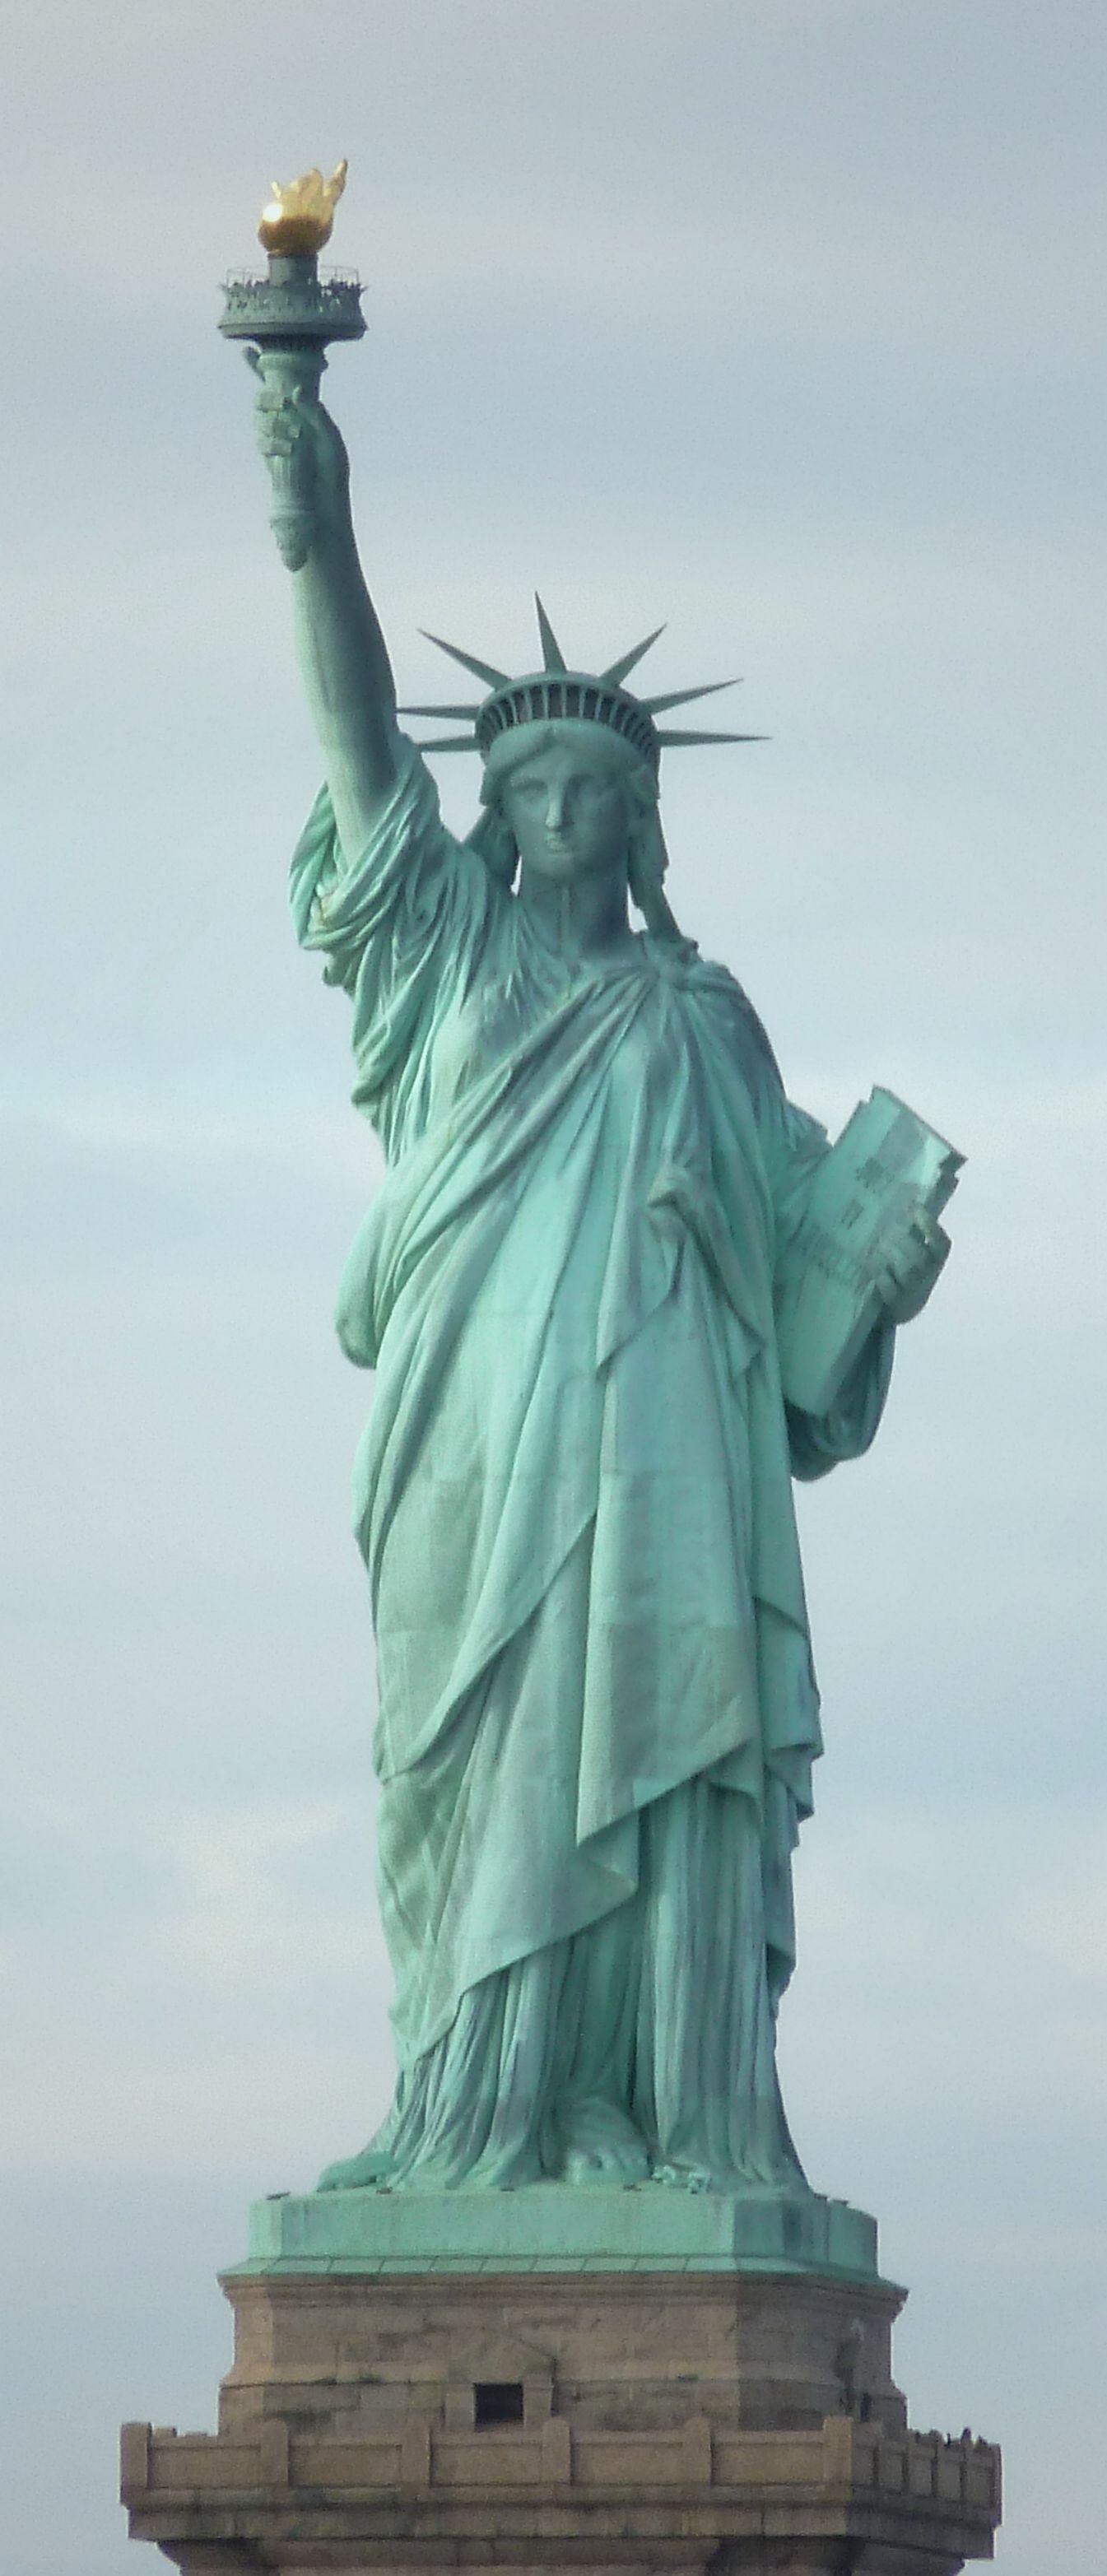 La statue de la libert new york depuis le ferry pour for Famous statues in new york